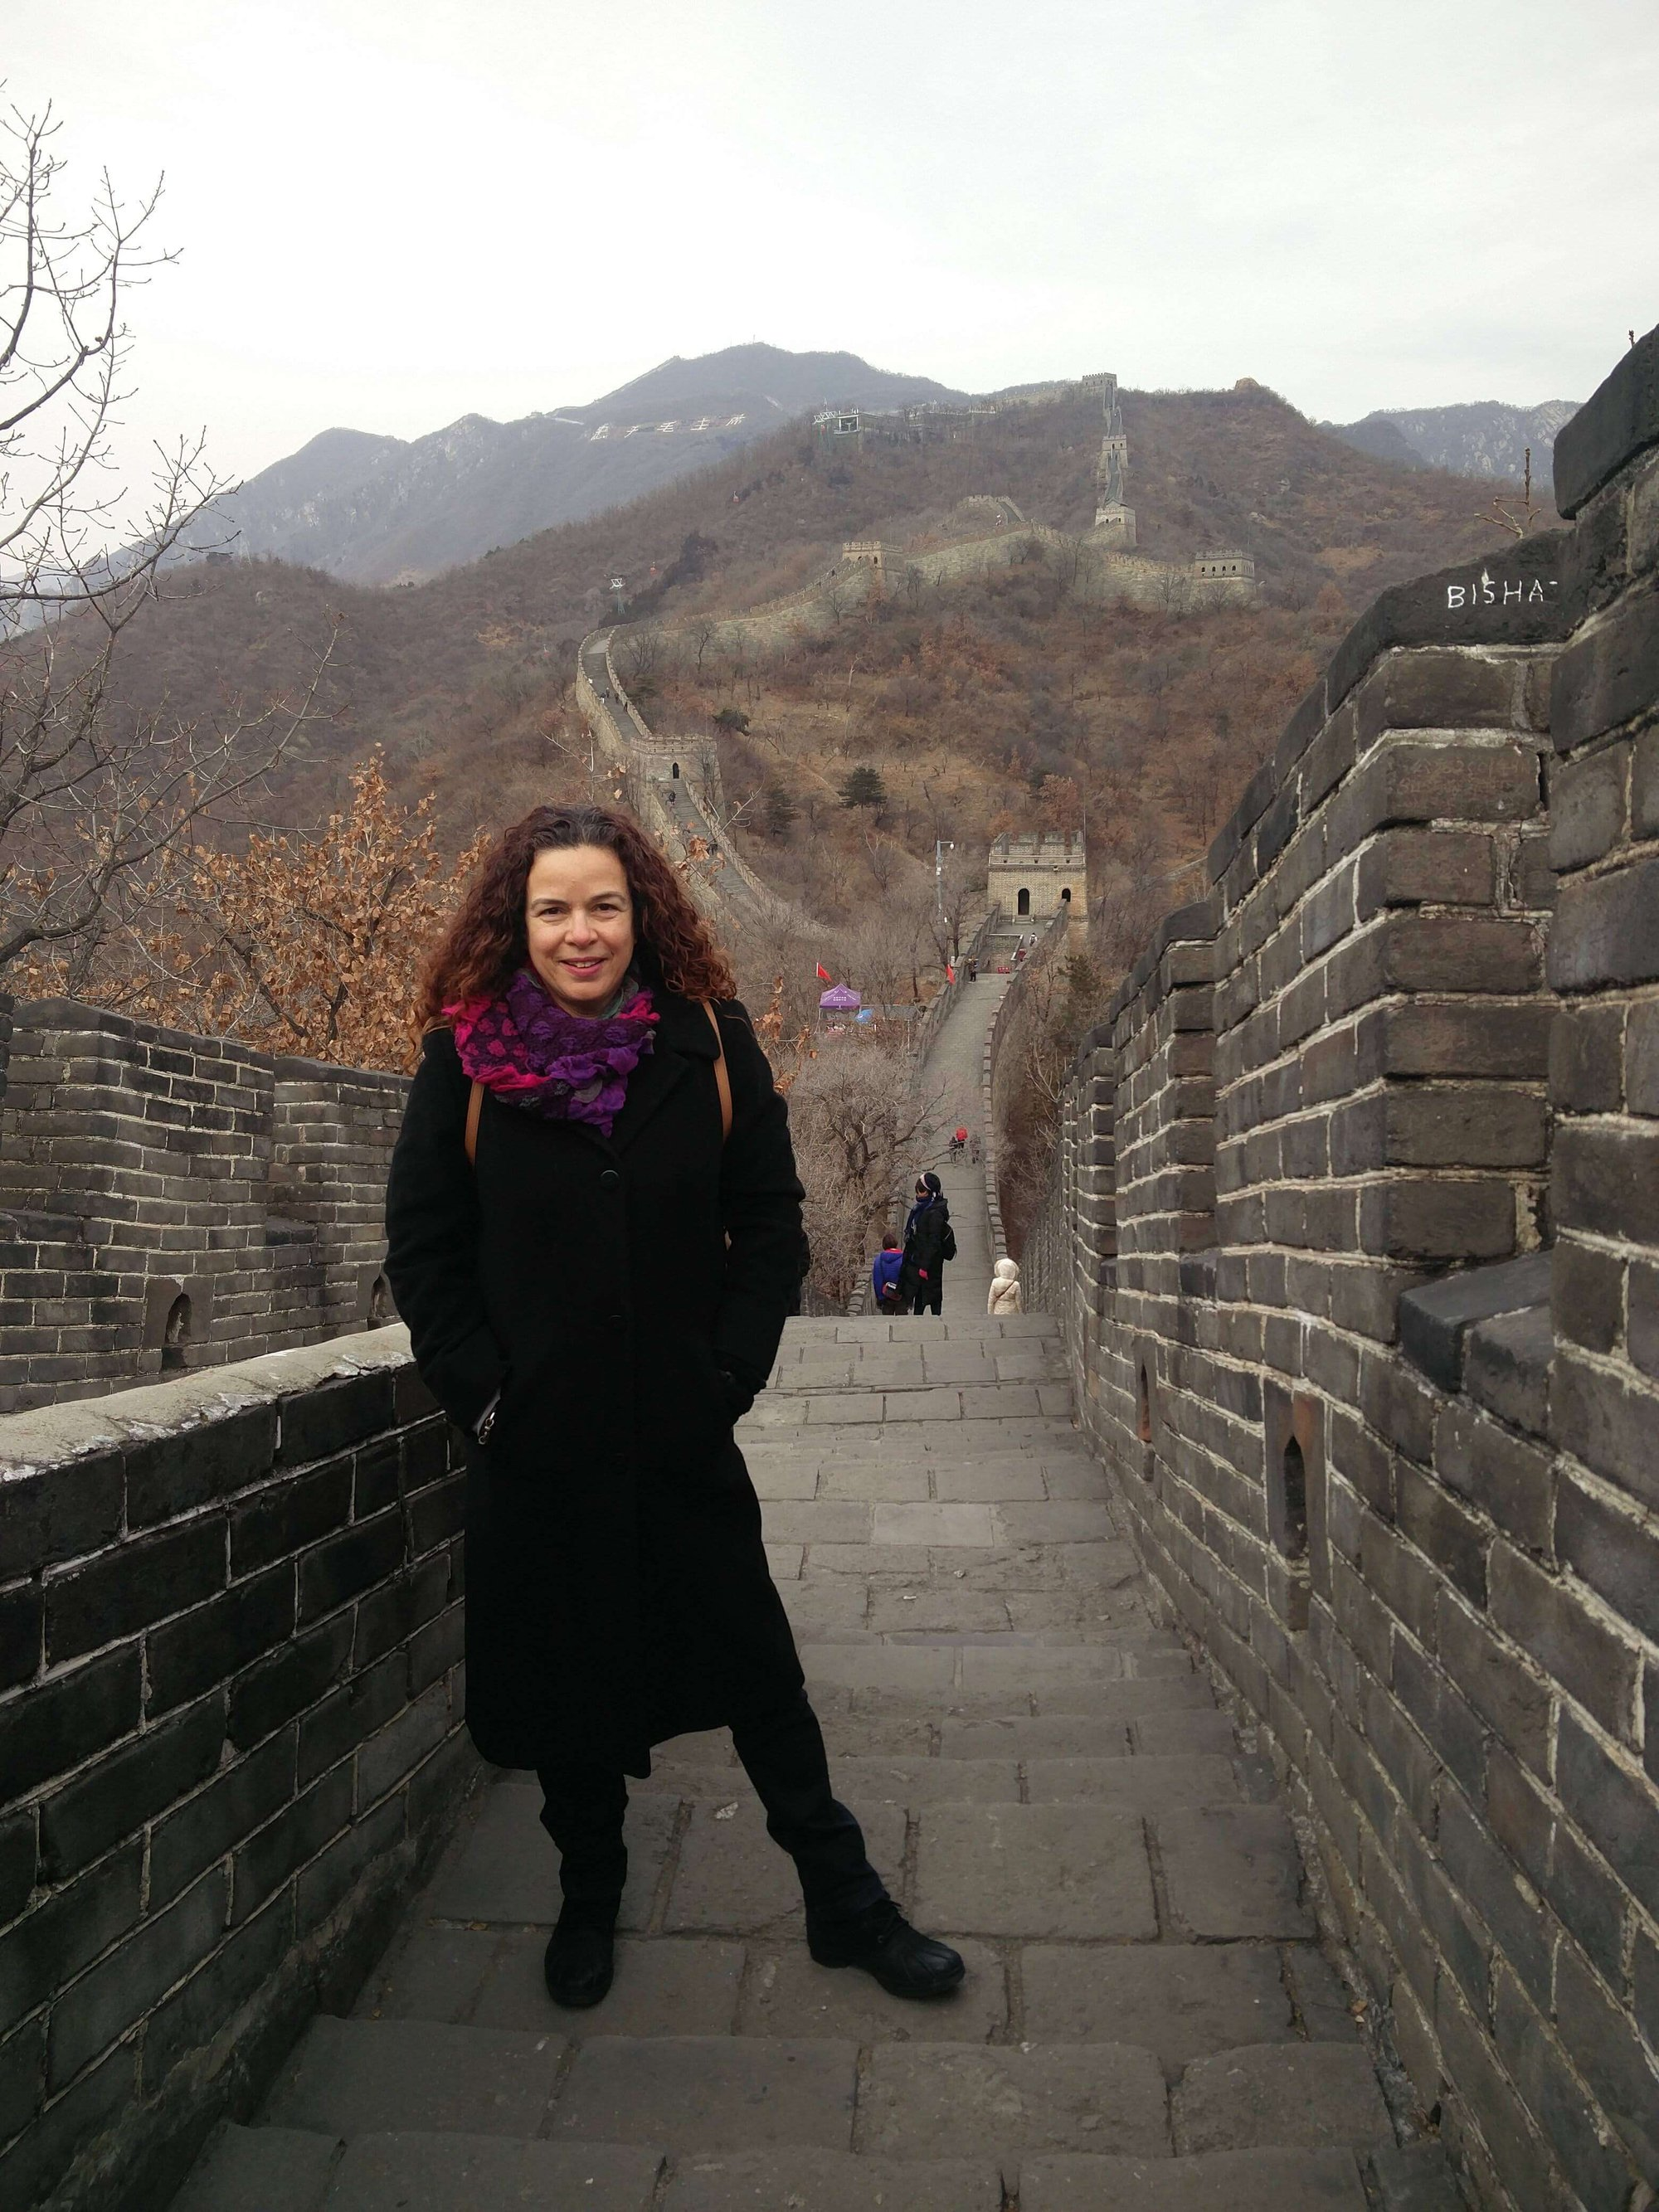 רוית רדיאן, בין ים ושמיים, החומה הסינית, אימון, שינוי